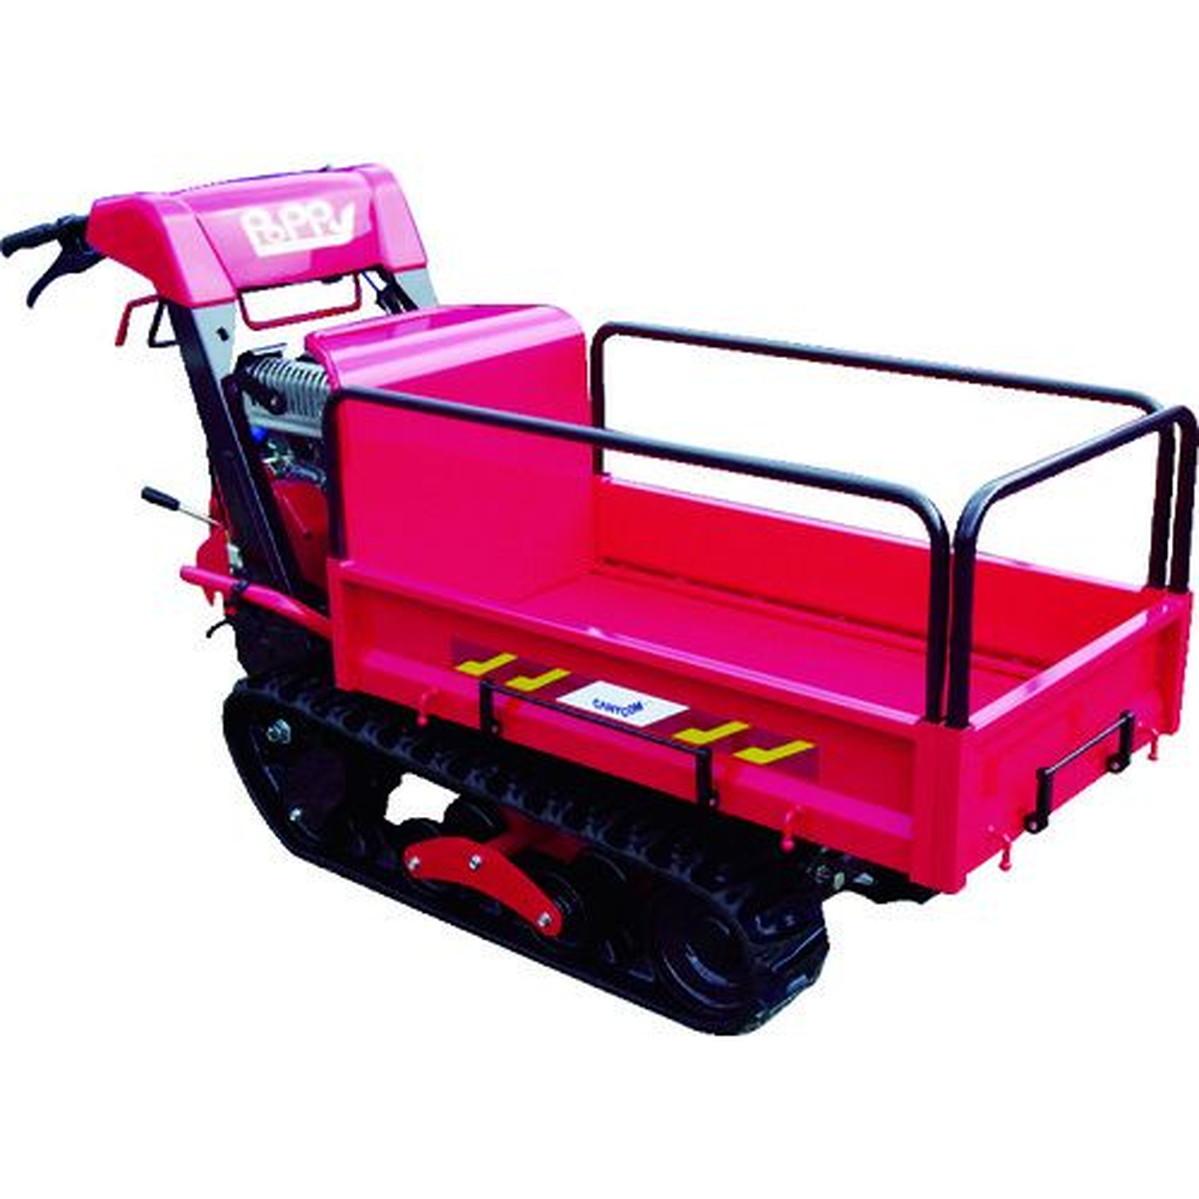 注目のブランド CANYCOM 小型クローラ運搬車 ピンクレディポピー 1台, ドラッグストアウェルネス 6b0a9c22